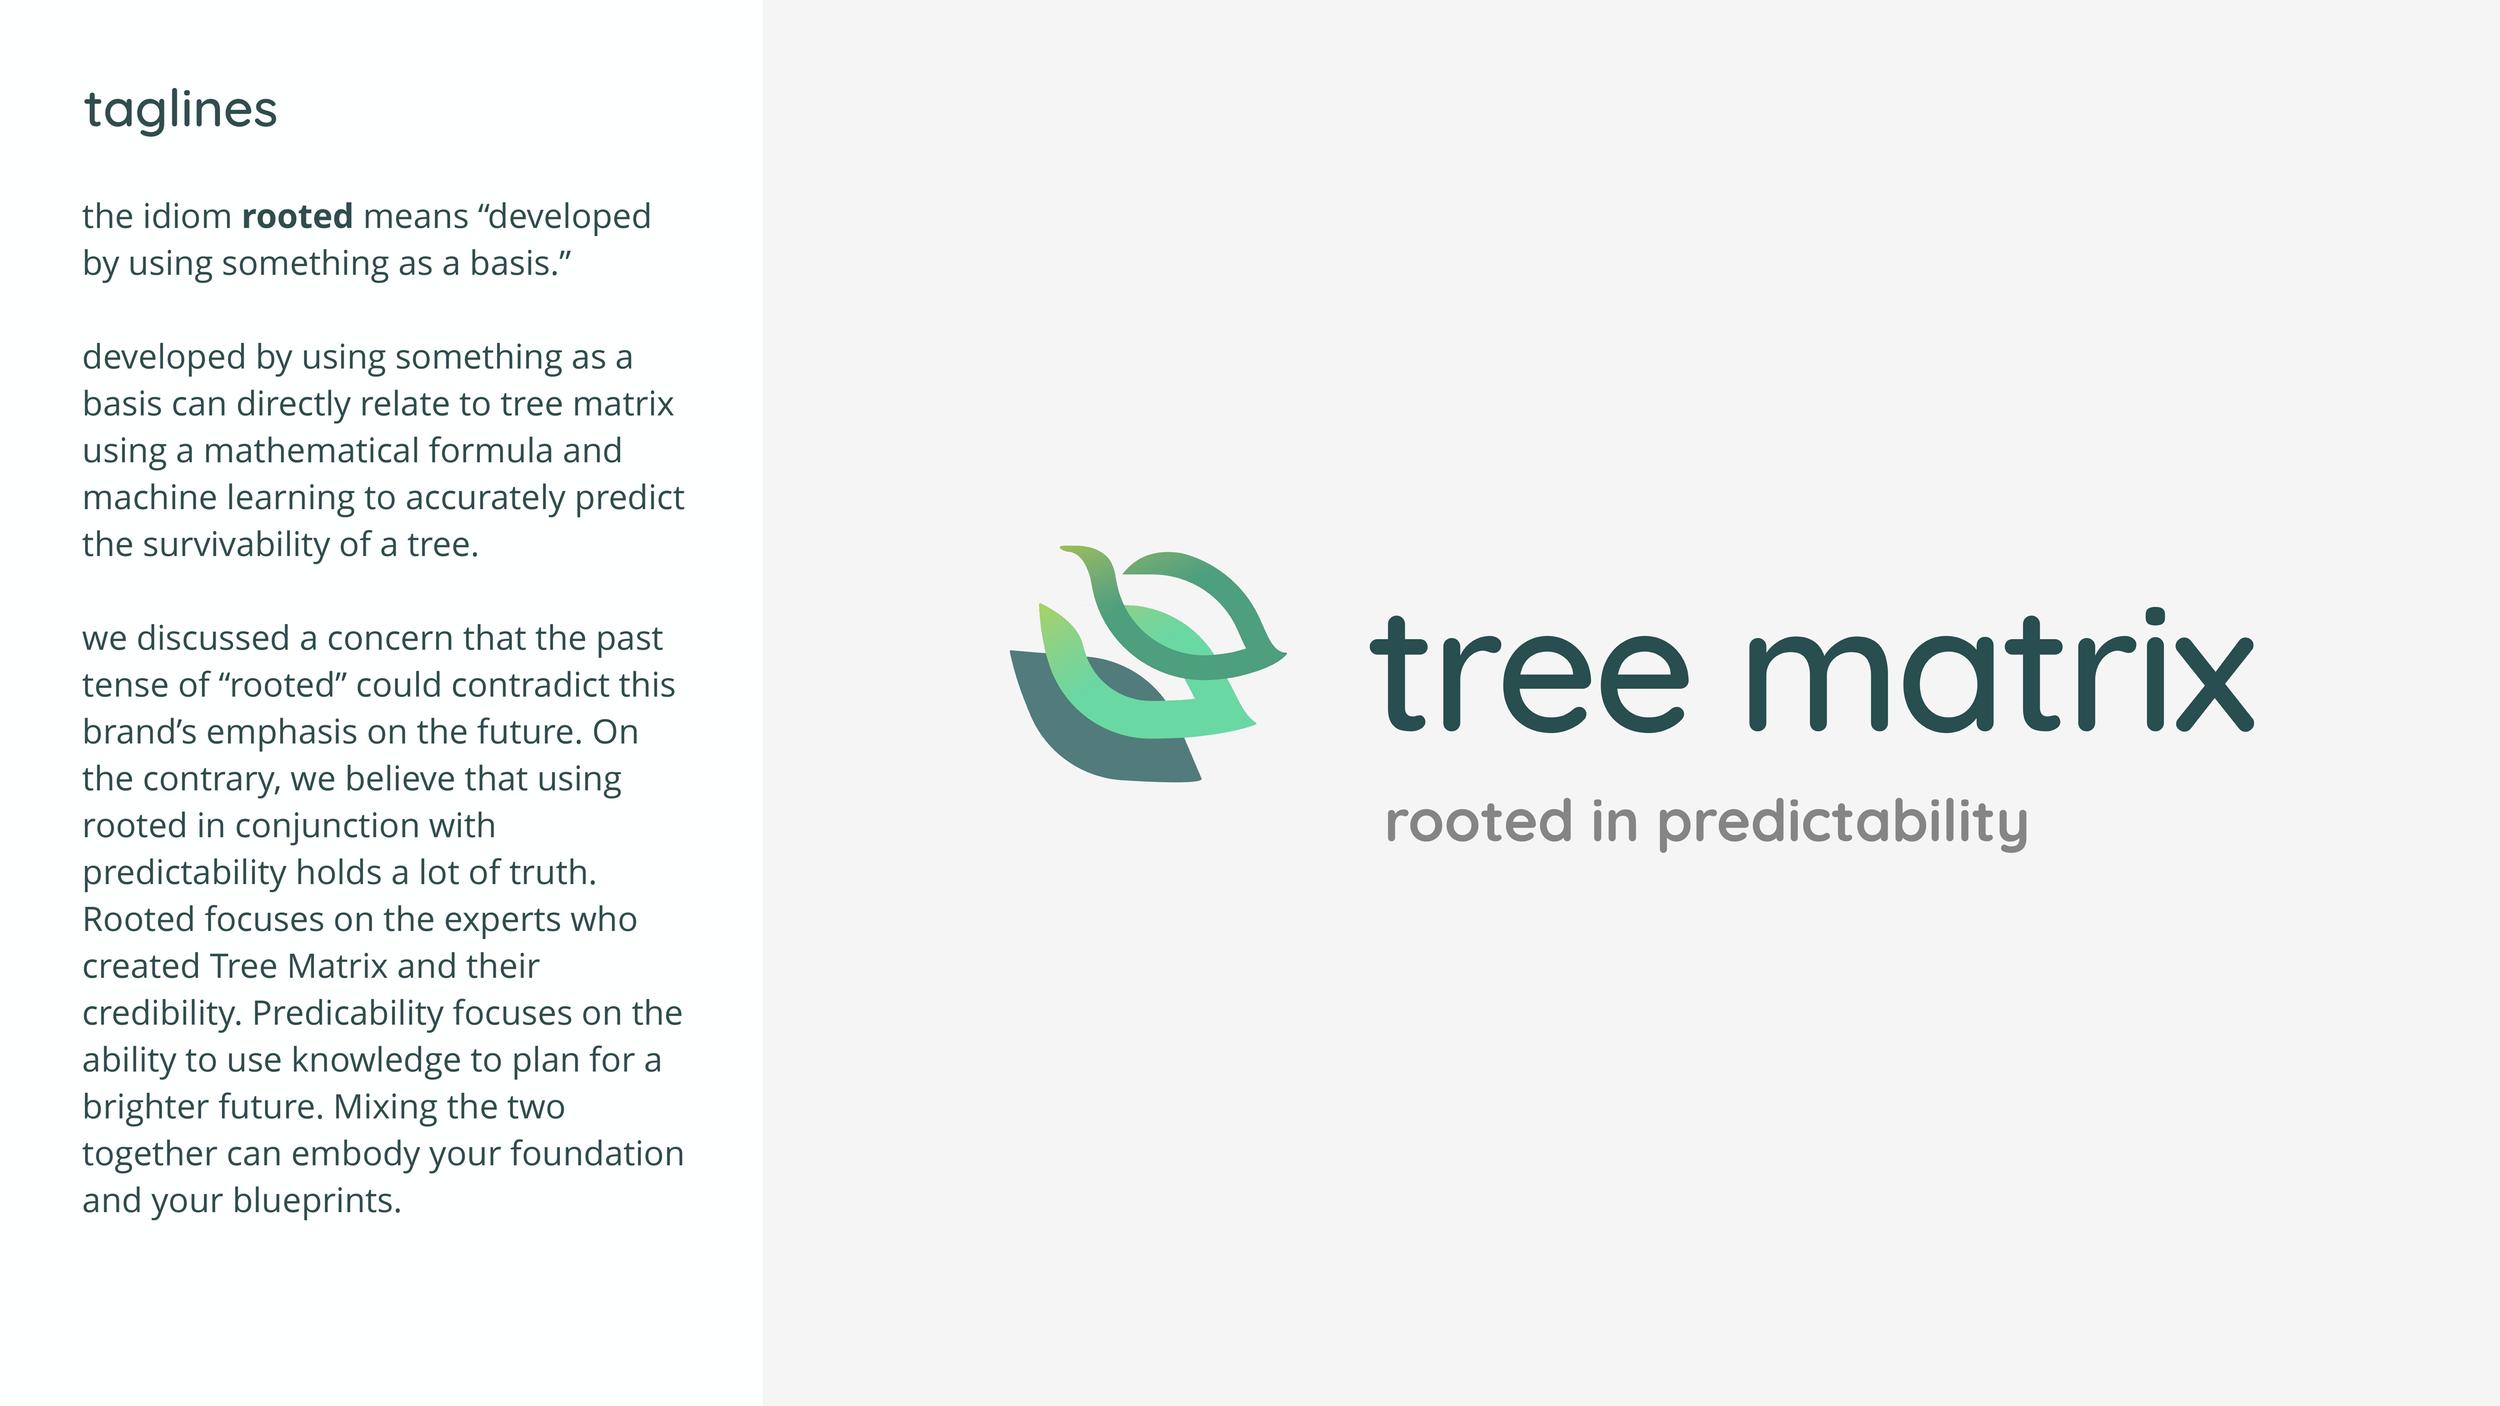 Tree-Matrix-Tags-4.23.18-3.png